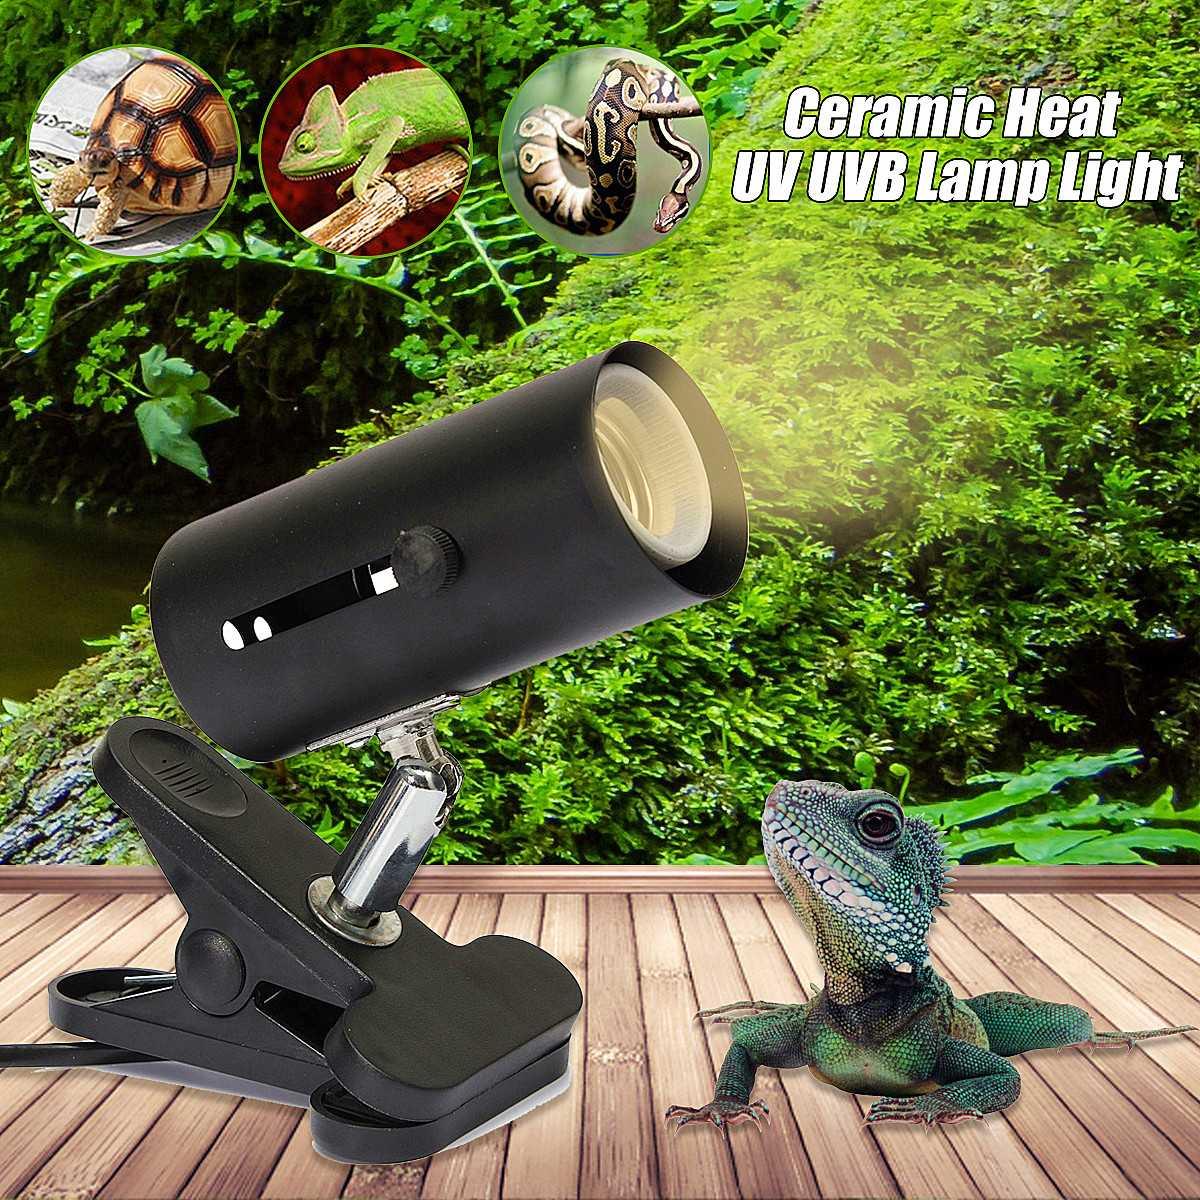 300W UVB Reptile Lamp Kit With Clip-on Ceramic Lights Holder Turtle Basking UV Heating Lamp Set Tortoises Lizards Lighting